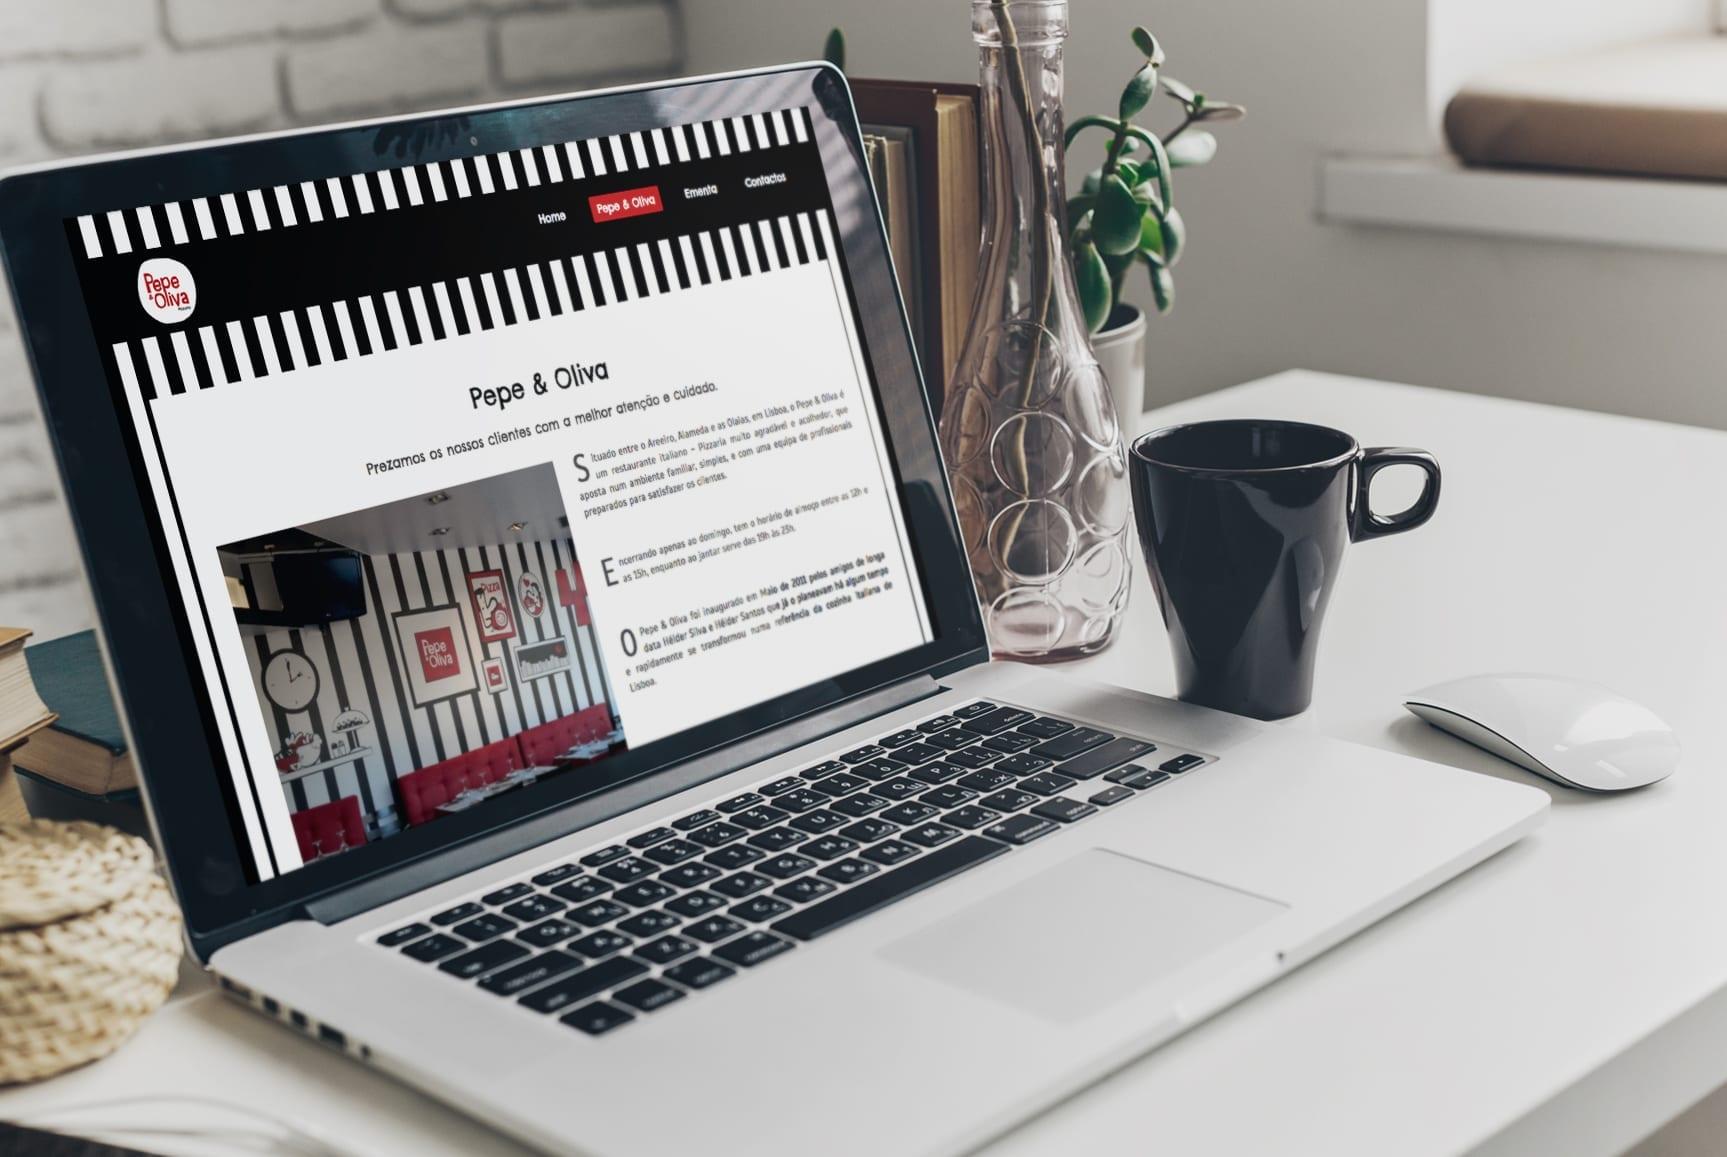 Imagem gráfica do site Pepe & Oliva